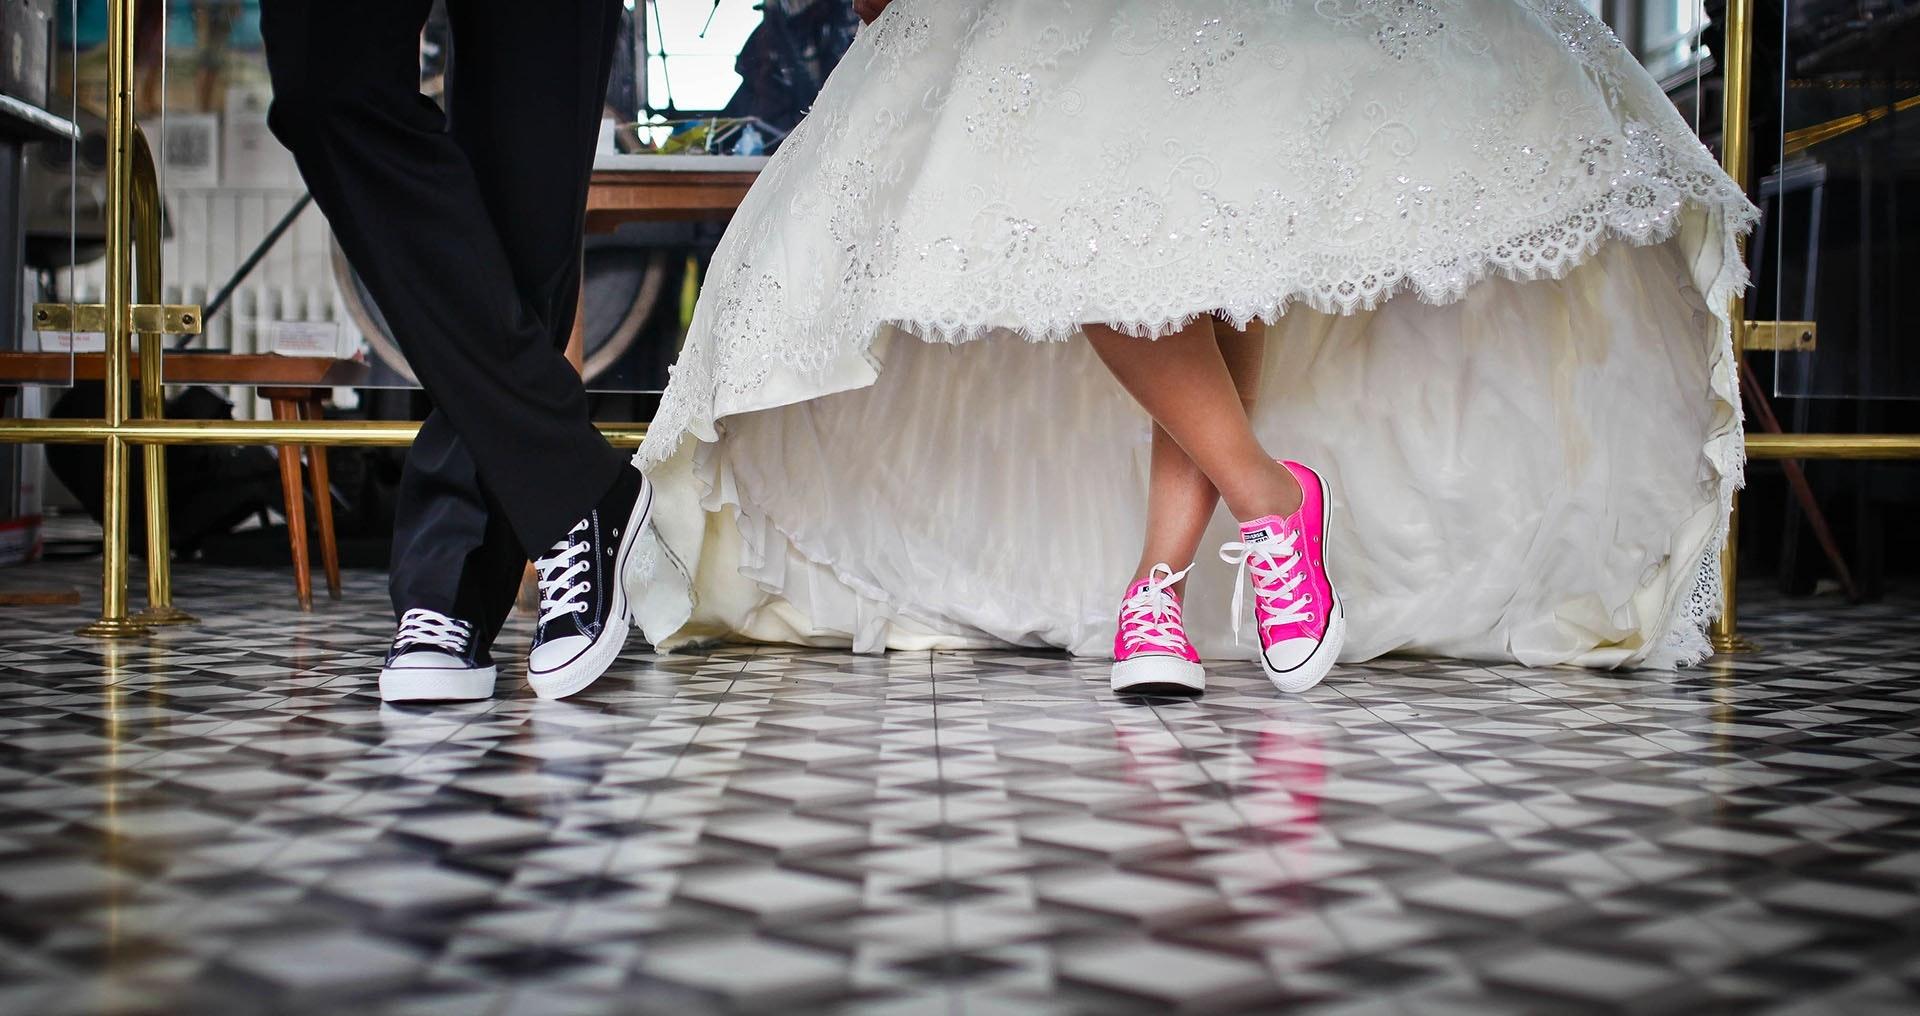 結婚にいい時期ってあるの?